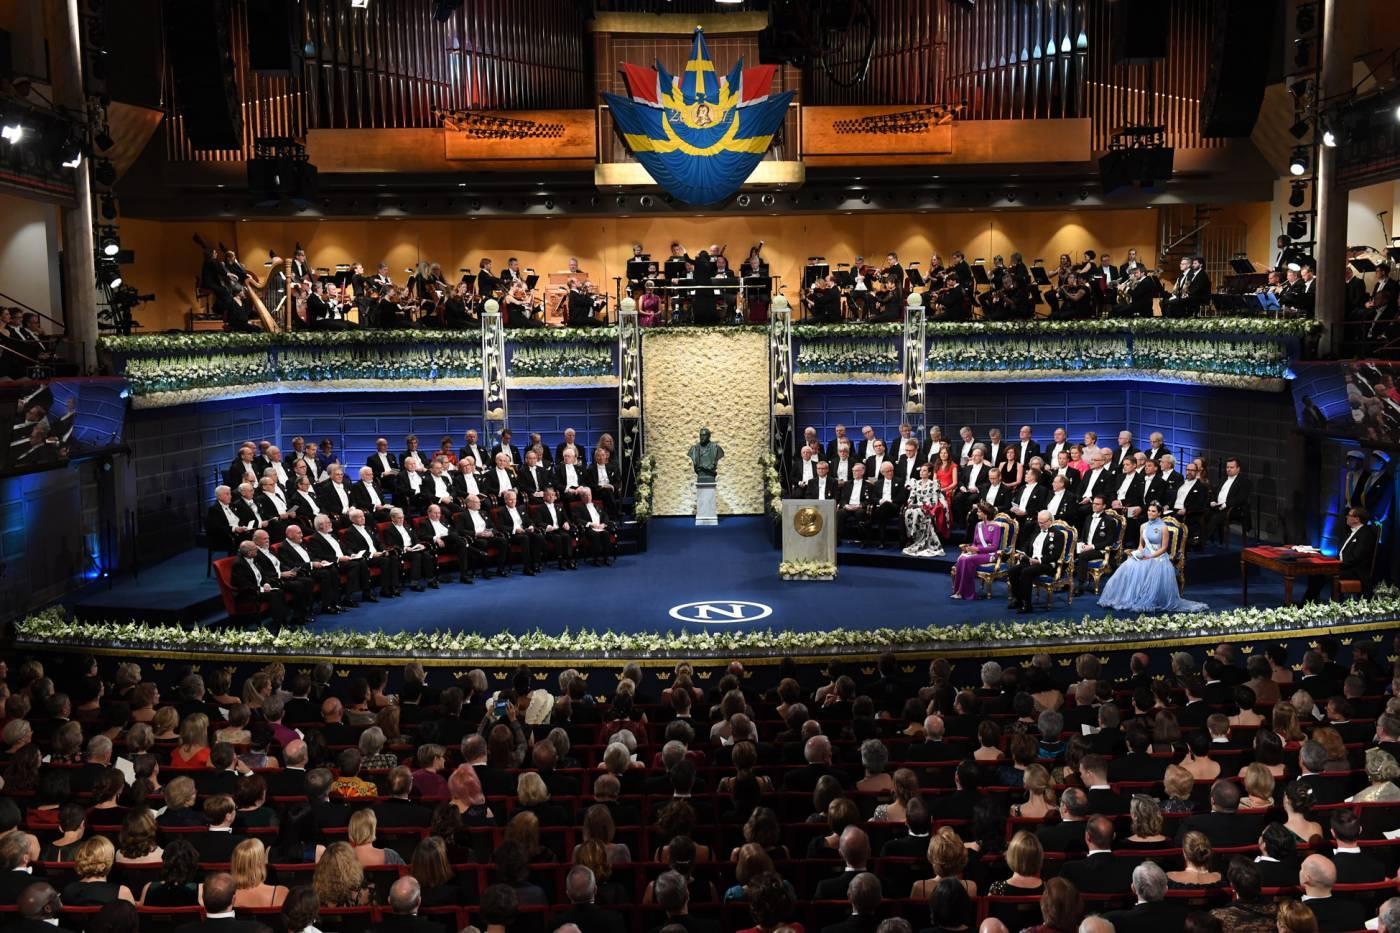 The 2017 Nobel Prize Award Ceremony in Stockholm.